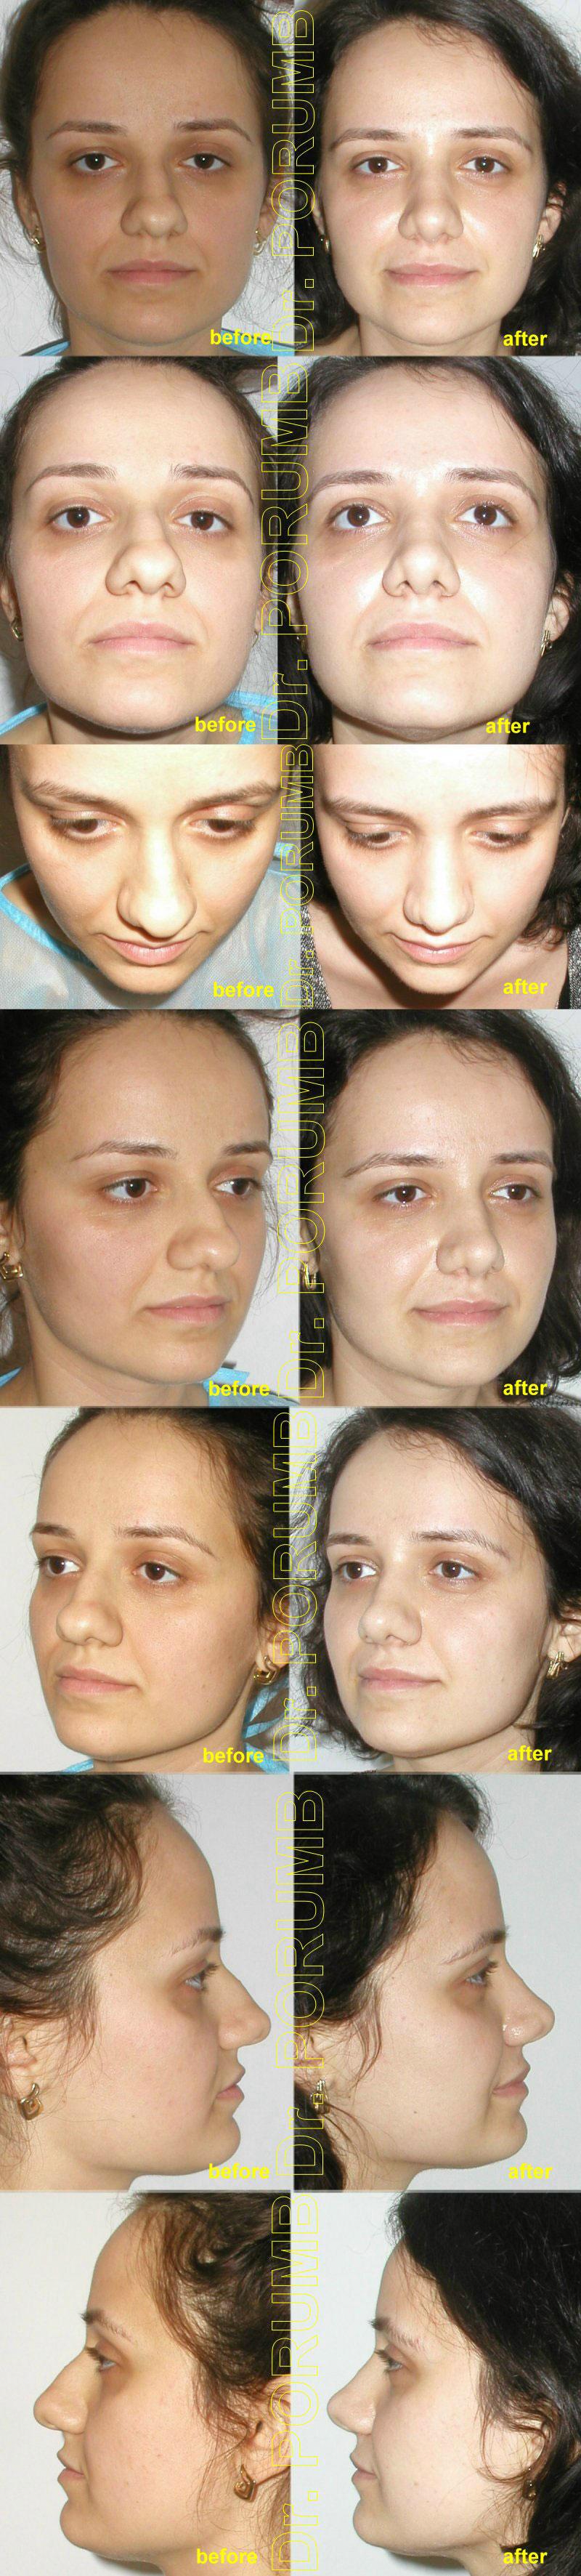 Pacienta de 26 ani, nemultumita de deviatia majora a nasului, de deviatia de sept si dificultati respiratorii, de marimea nasului, doreste sa apeleze la chirurgie estetica de rinoplastie (operatie la nas), cu corectia deviatiei de sept si deviatiei de nas, indepartarea cocoasei, micsorarea si subtierea varfului nasului nasului